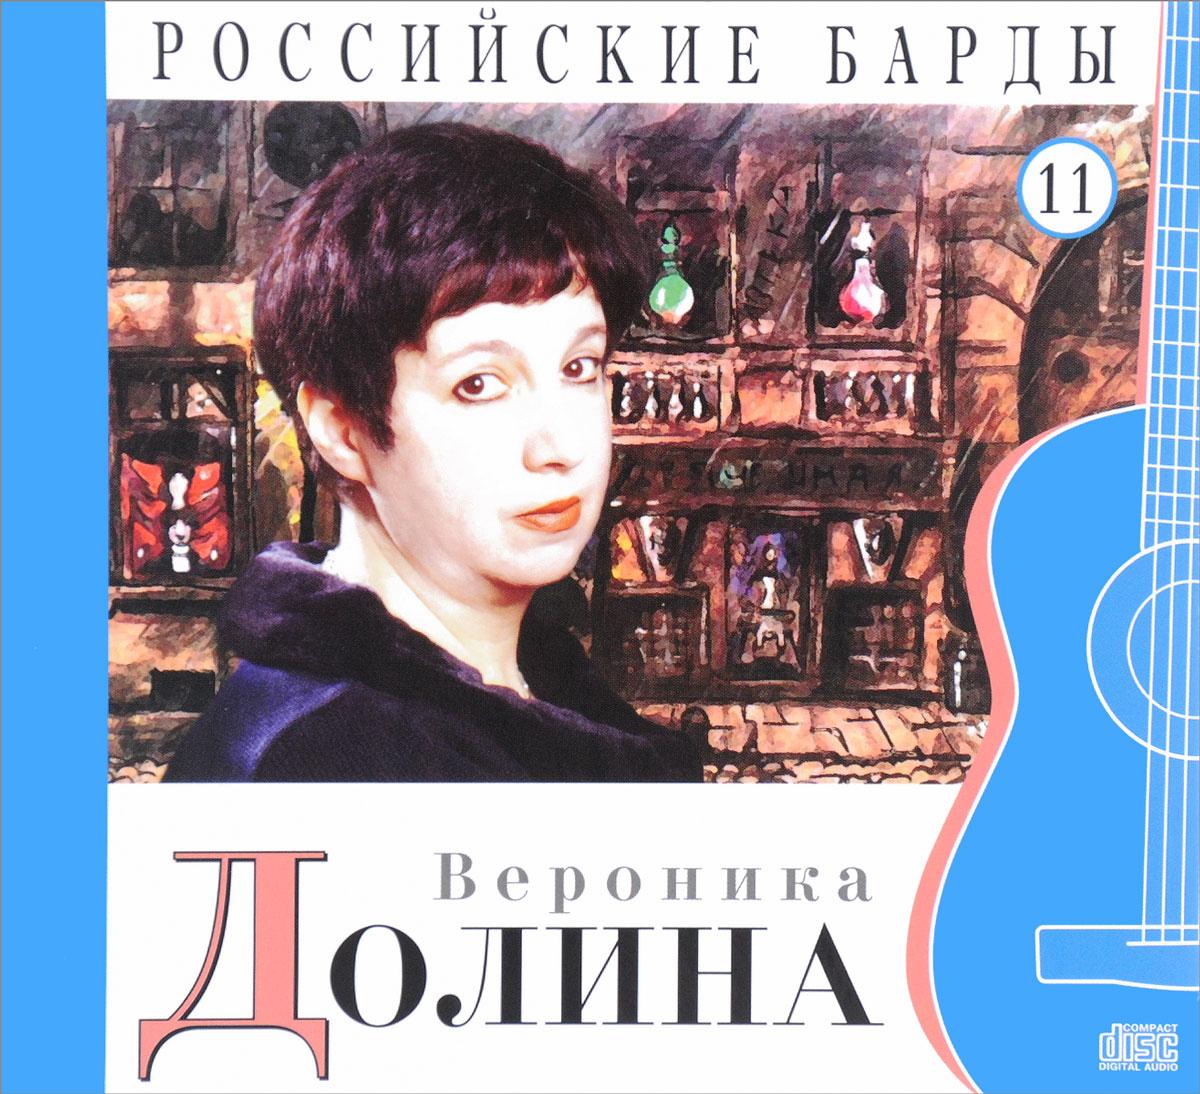 Российские барды, книга CD, том 11, Вероника Долина